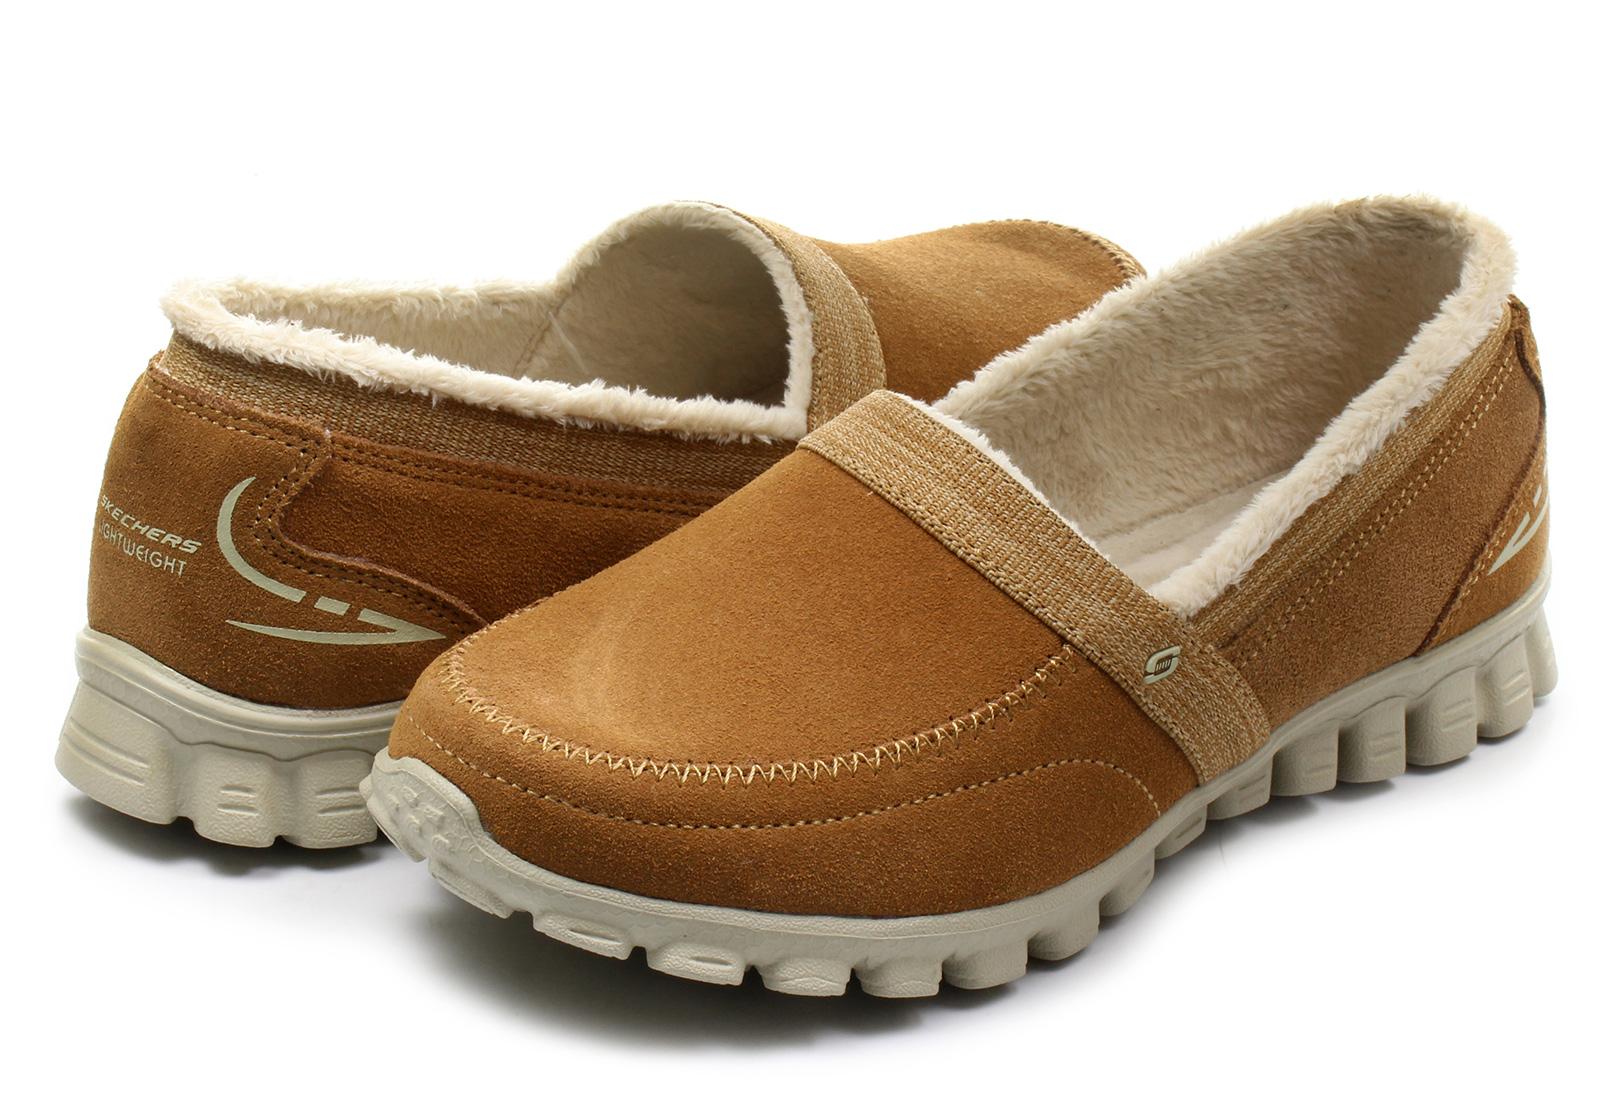 Skechers Shoe Boots Women